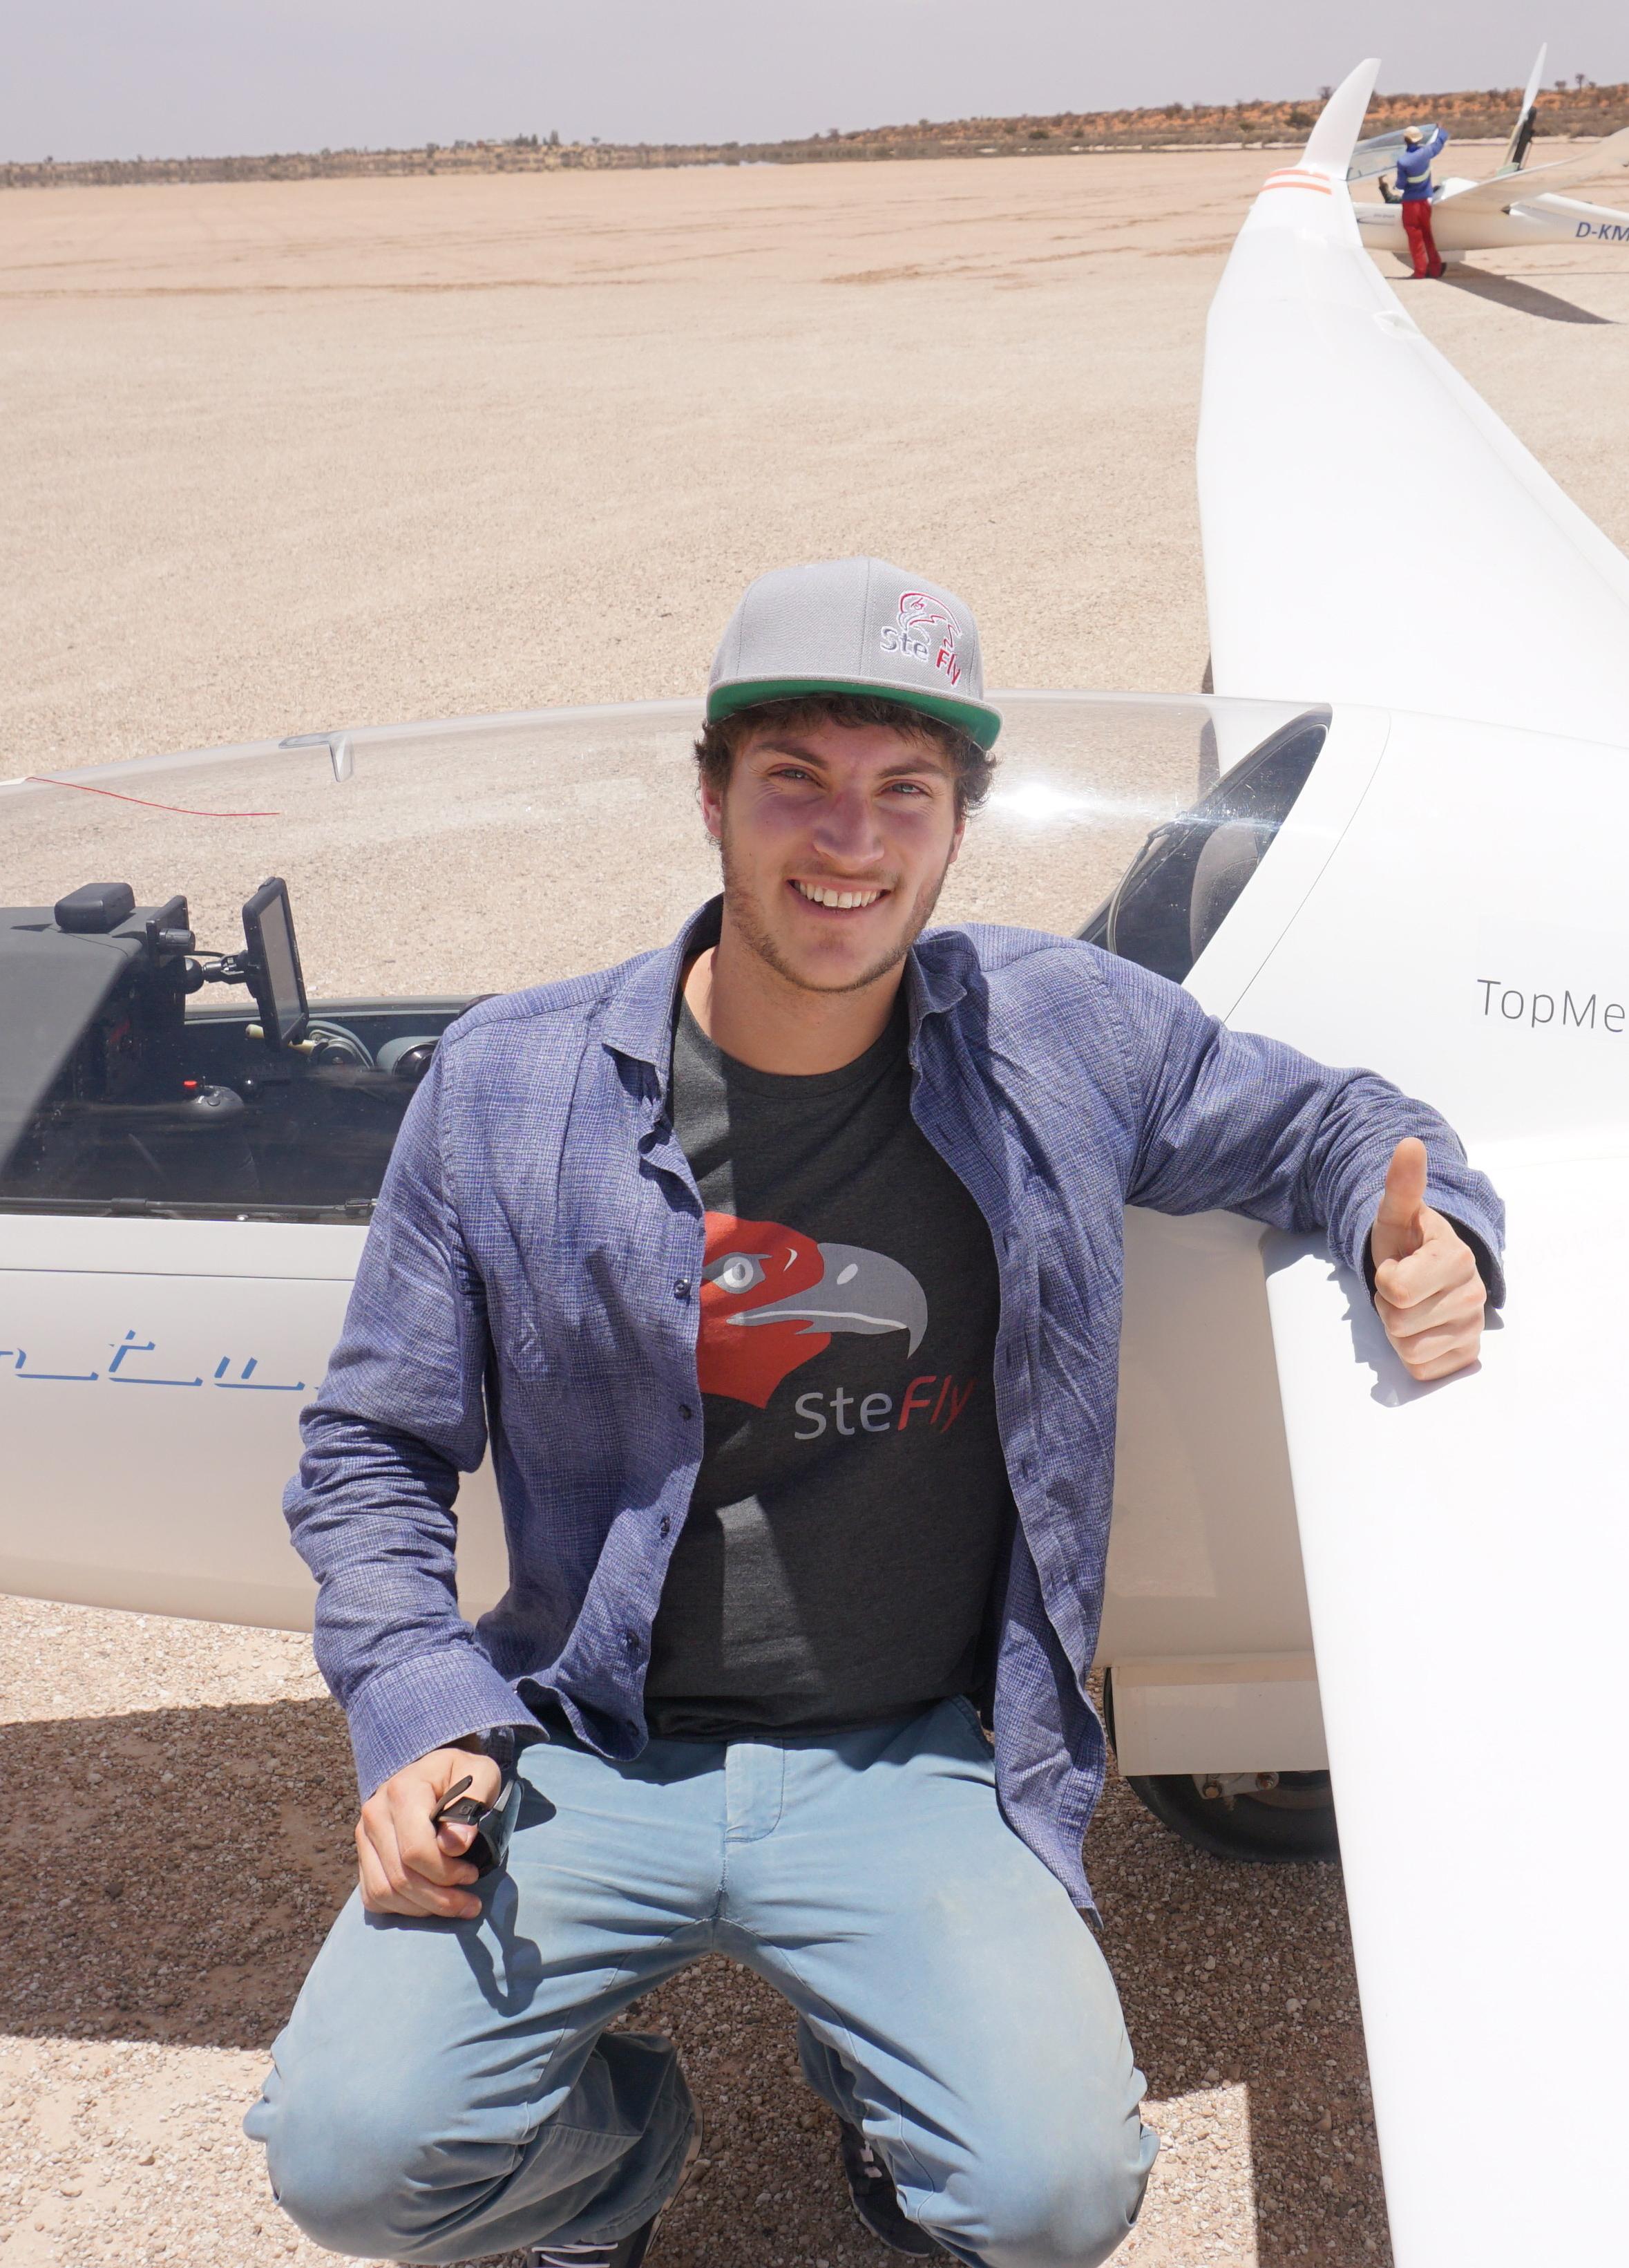 Stefan Langer startet ab dem kommenden Wochenende bei der Junioren-Segelflug-Weltmeisterschaft in Litauen. Foto: privat